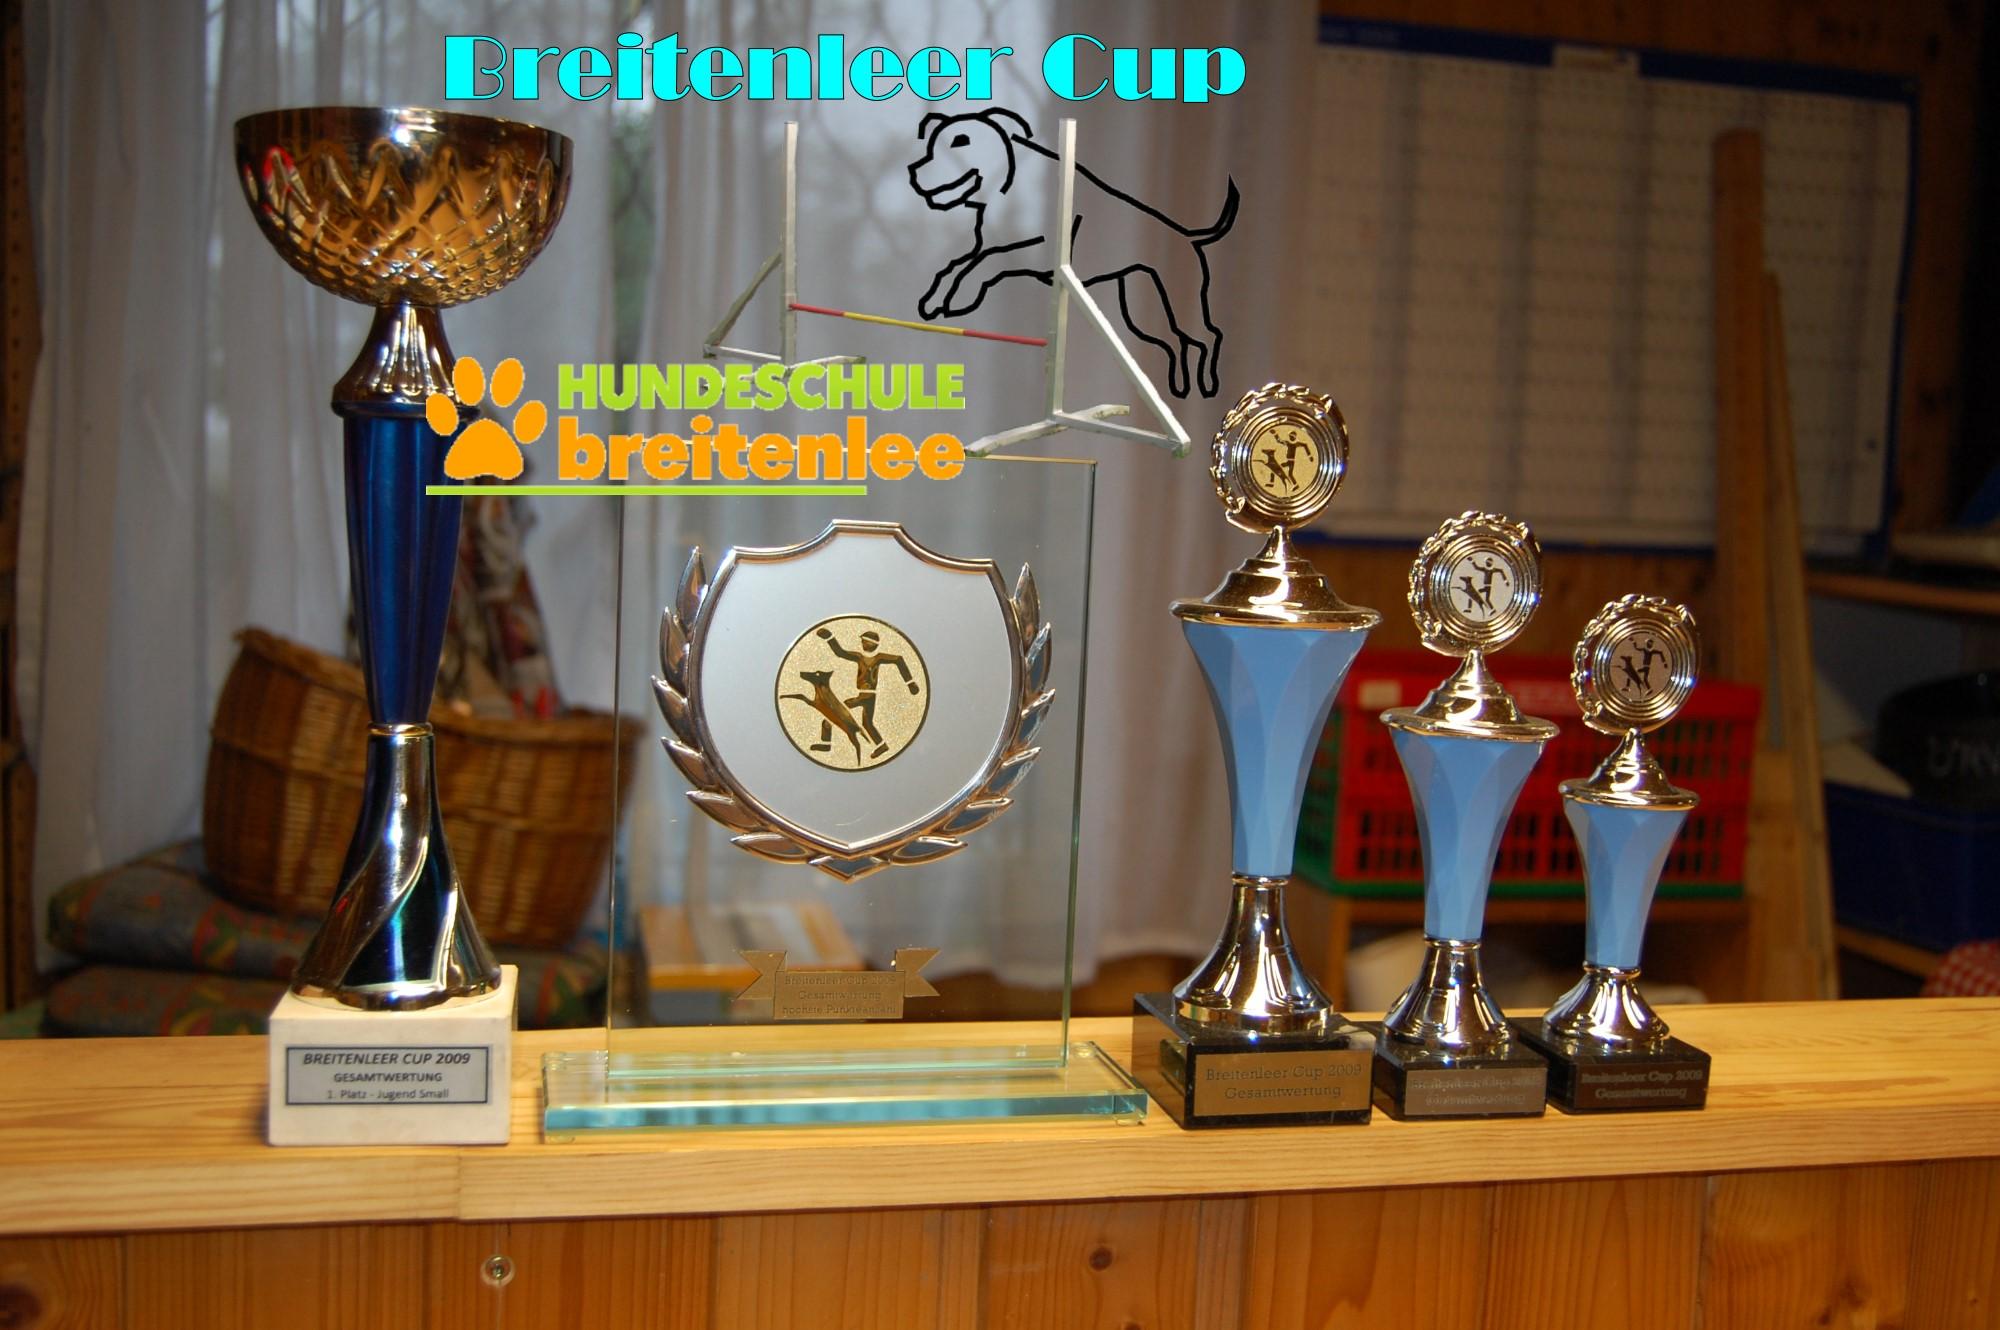 Breitenleer Cup